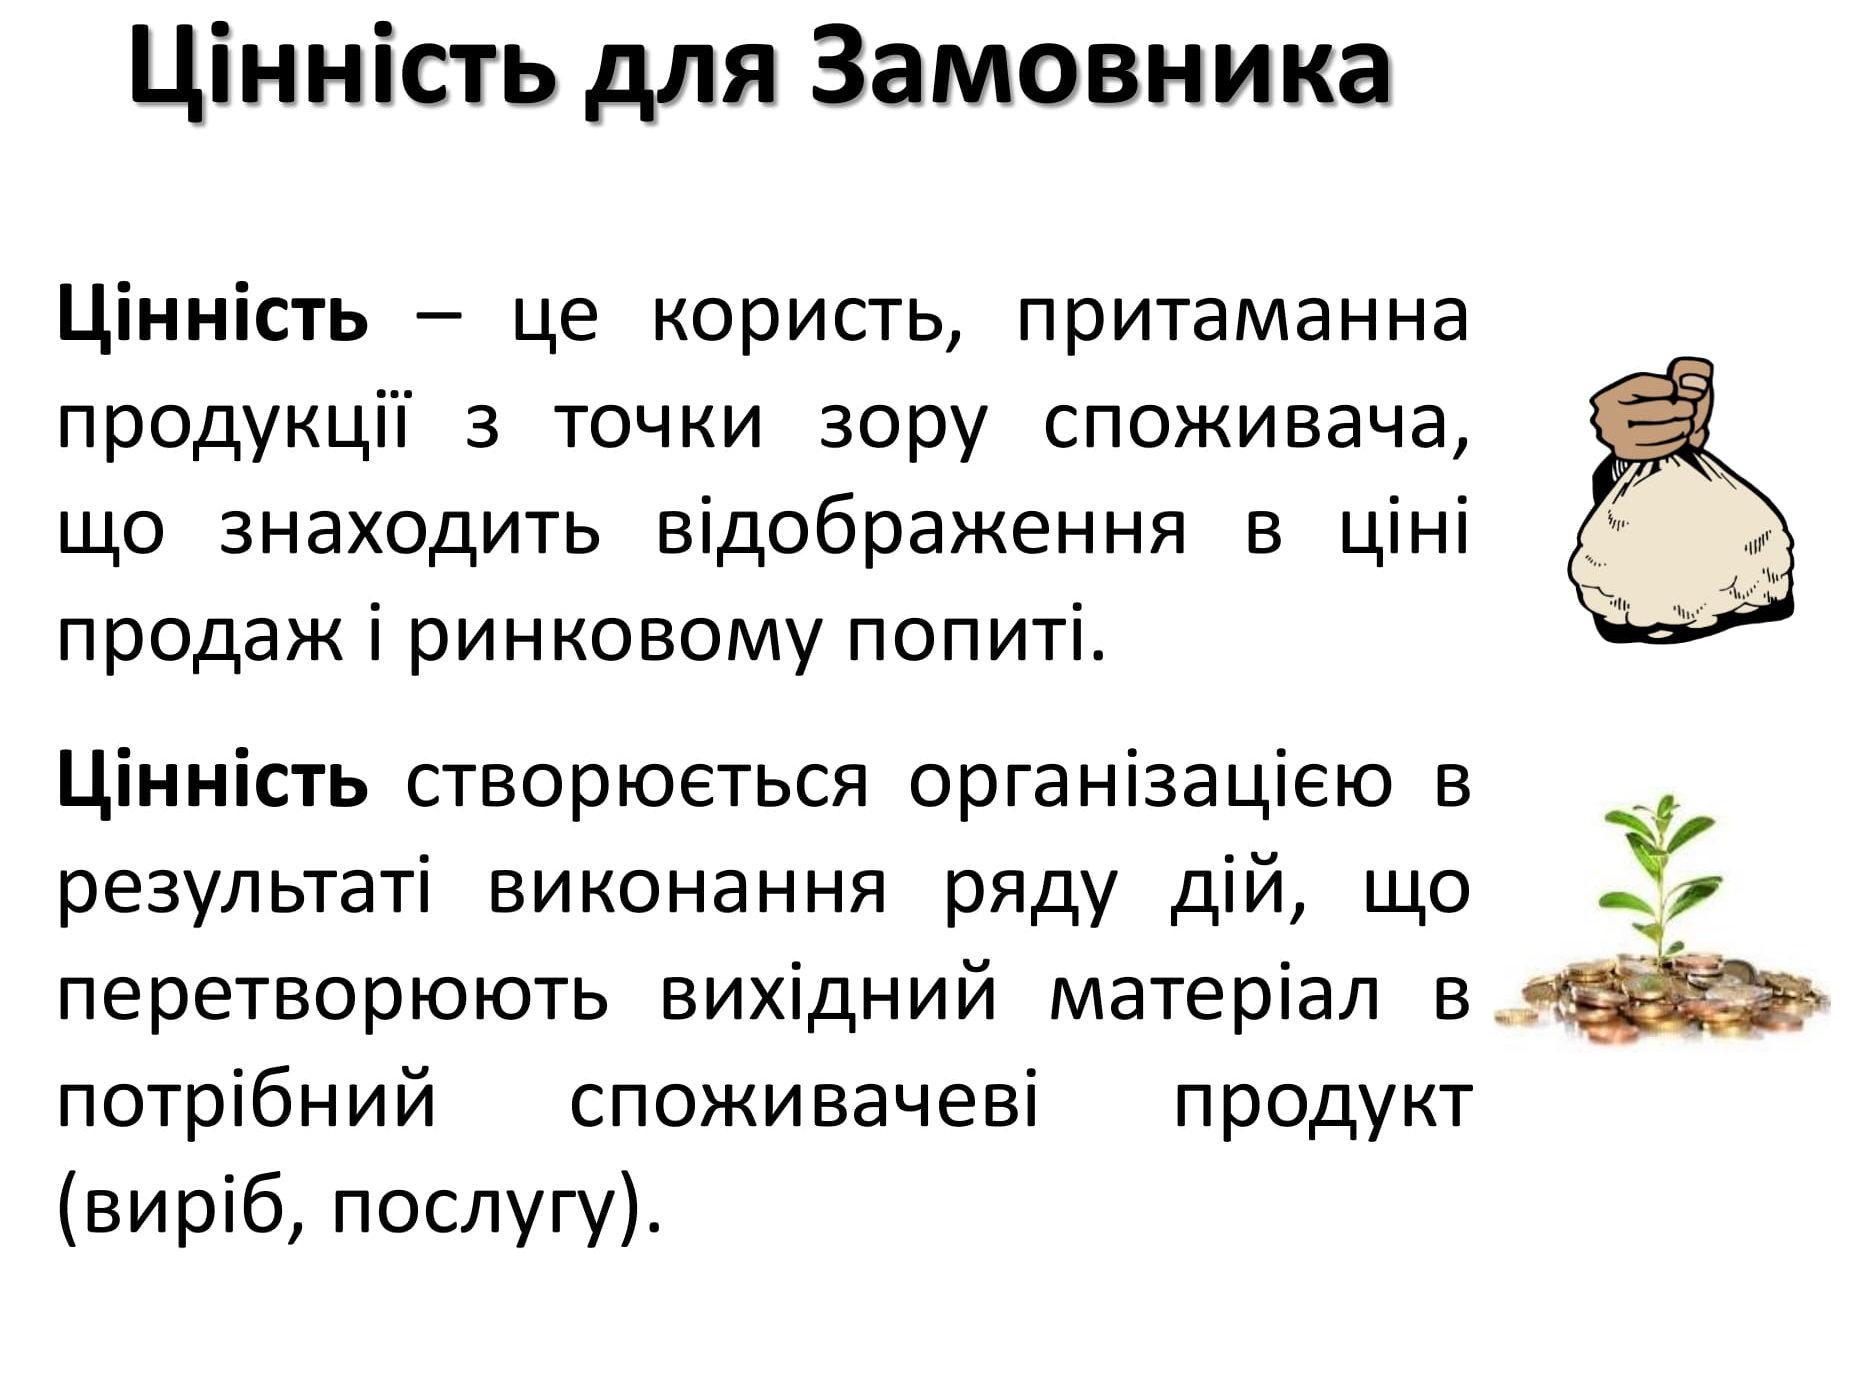 Romantsov Roman Oshhadlyve Fermerstvo 15 03 18 10 E1521547140233